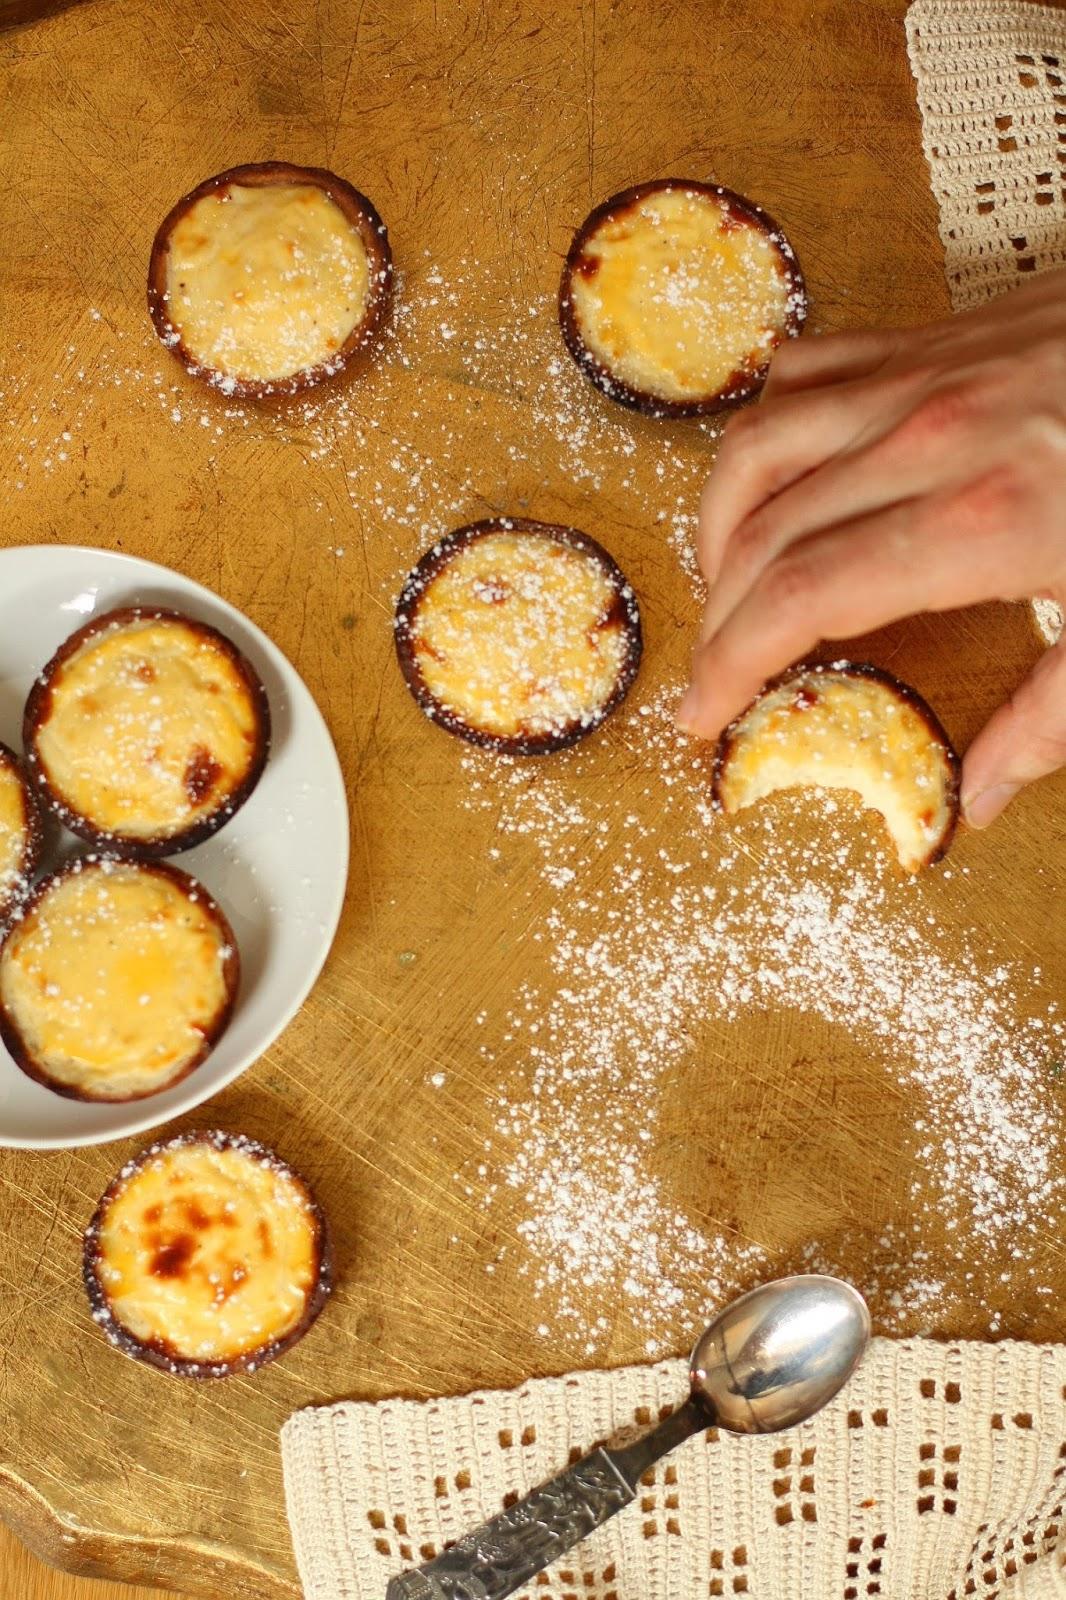 bake juustotortut japani Bake mallaspulla leivonta resepti cheese tart